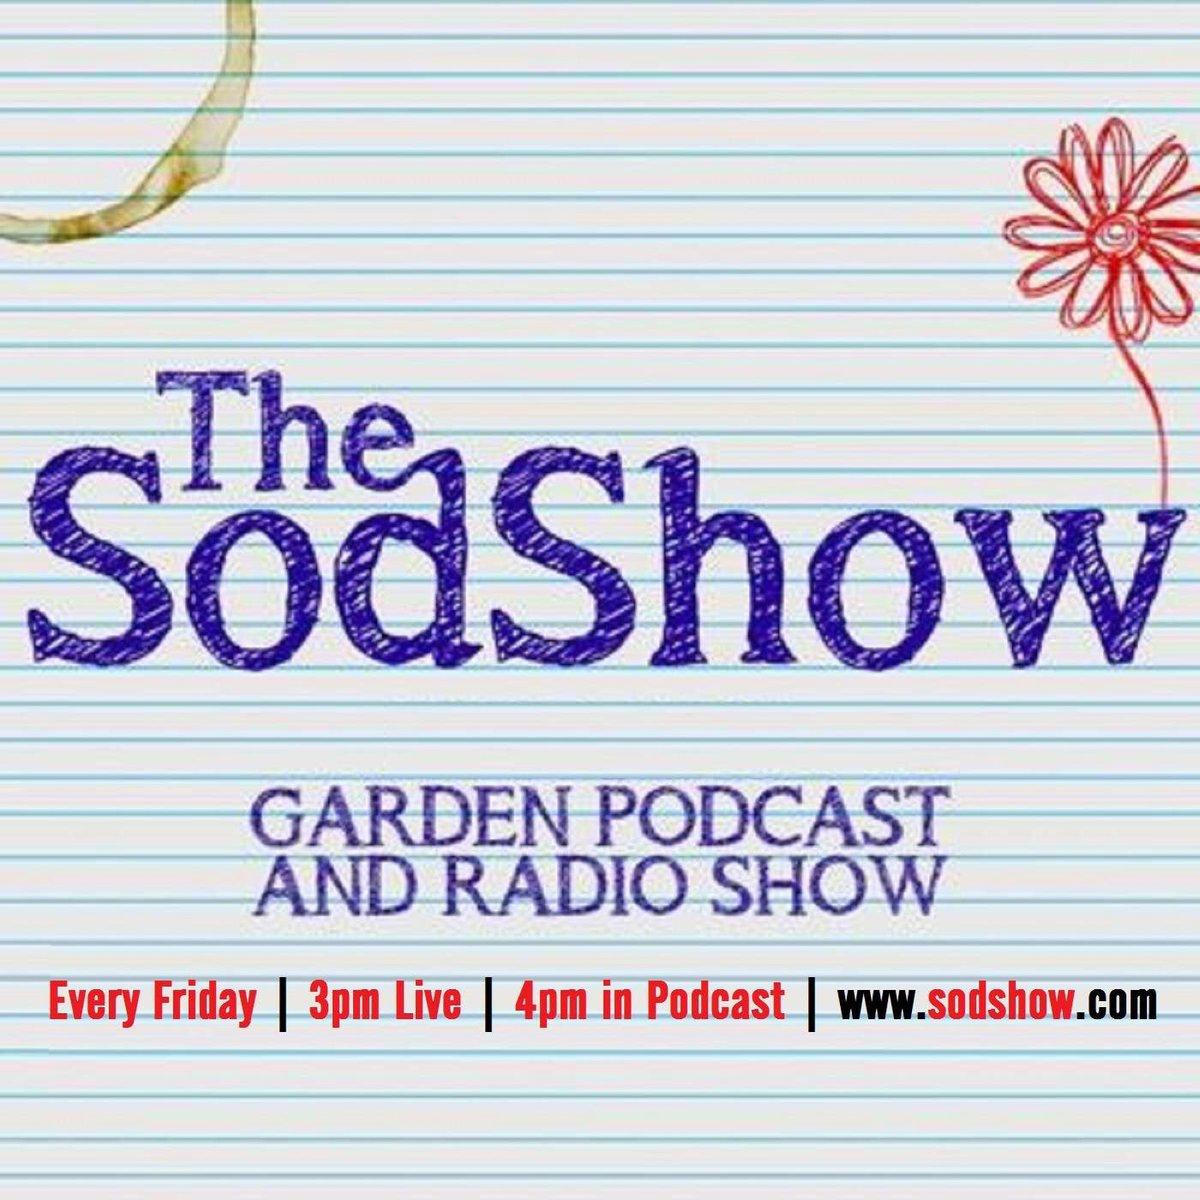 5 upcoming @sodshow's: @PaulPaulbmartin @GardenShowIRL @janeperrone @BloomFringe #RHSChelsea https://t.co/upj5M4c1pY https://t.co/R8rRRZMWws